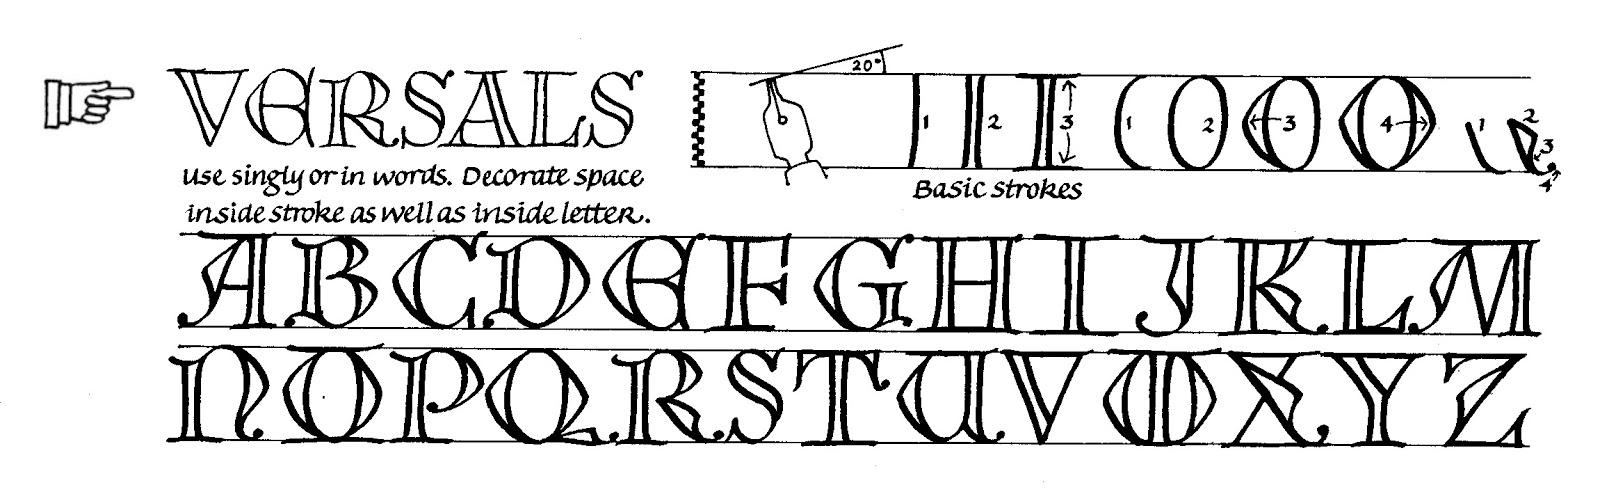 Margaret Shepherd: Calligraphy Blog: 99 Versals